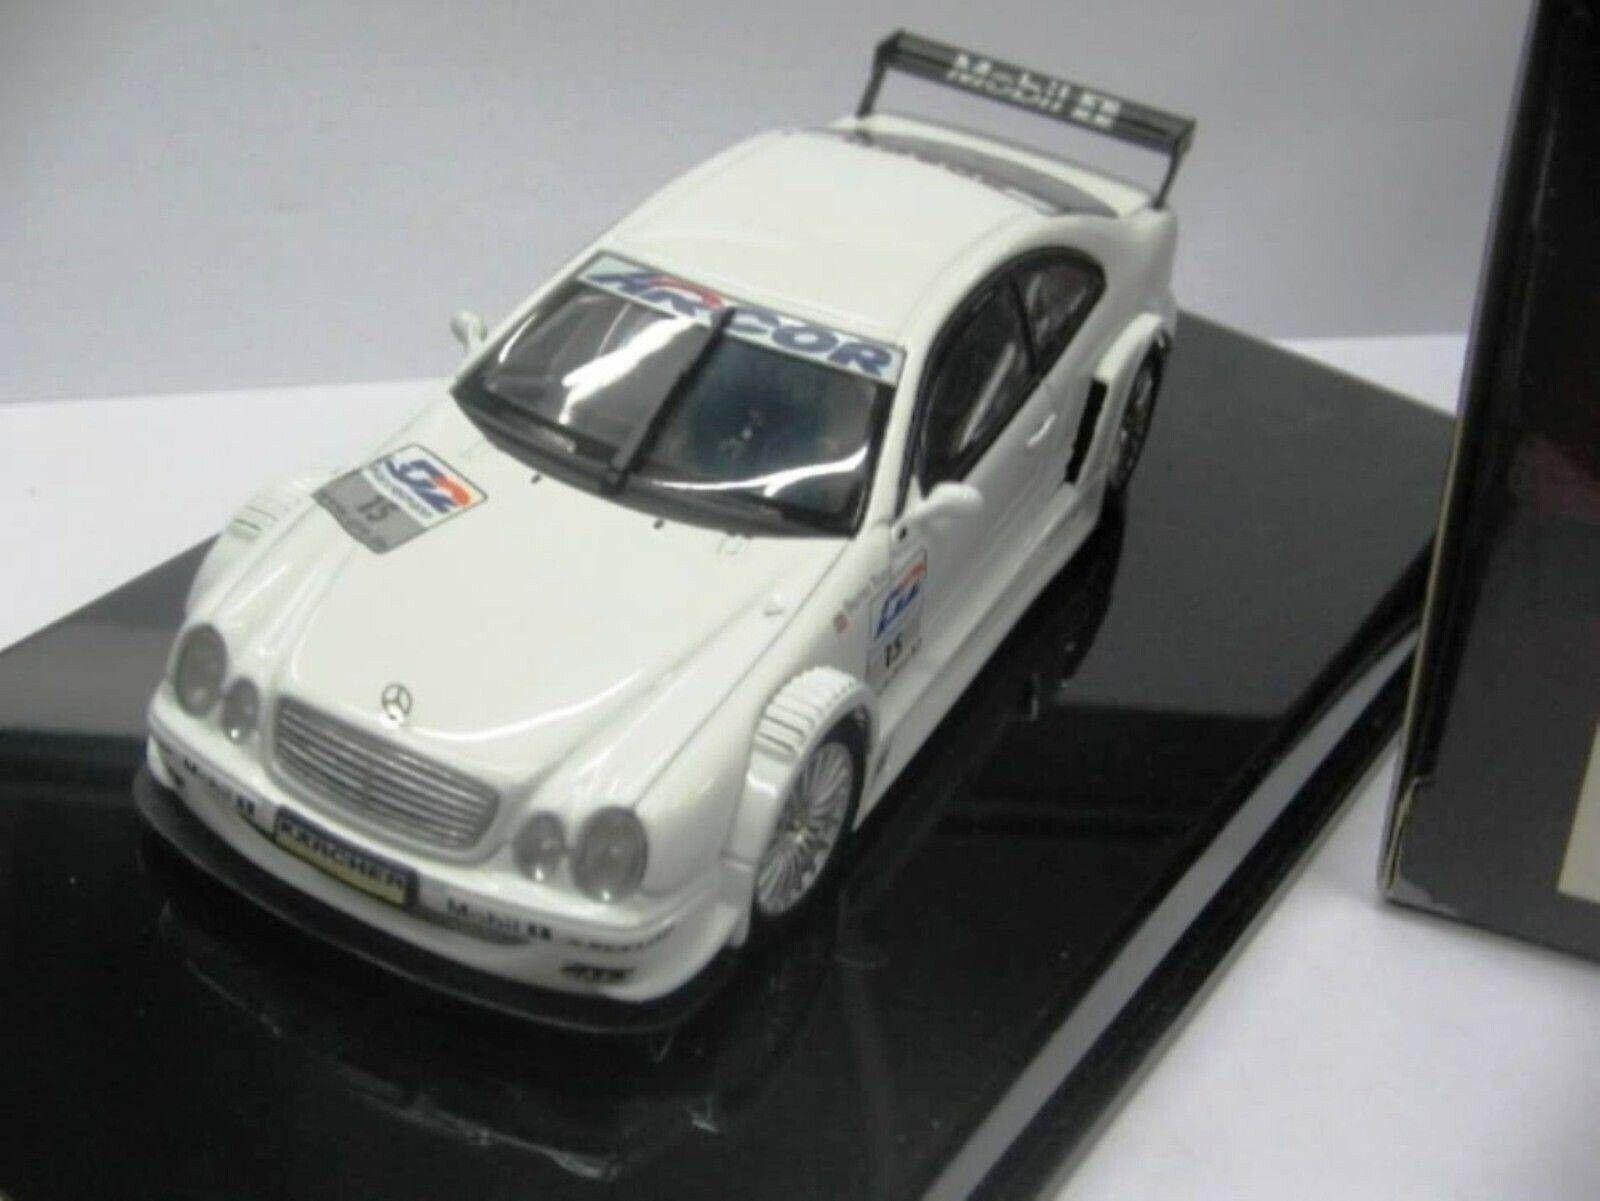 Wow extrêmement rare MERCEDES DTM 2000 2000 2000 CLK400 Turner 1 43 Auto Art-MINICHAMPS b70d67